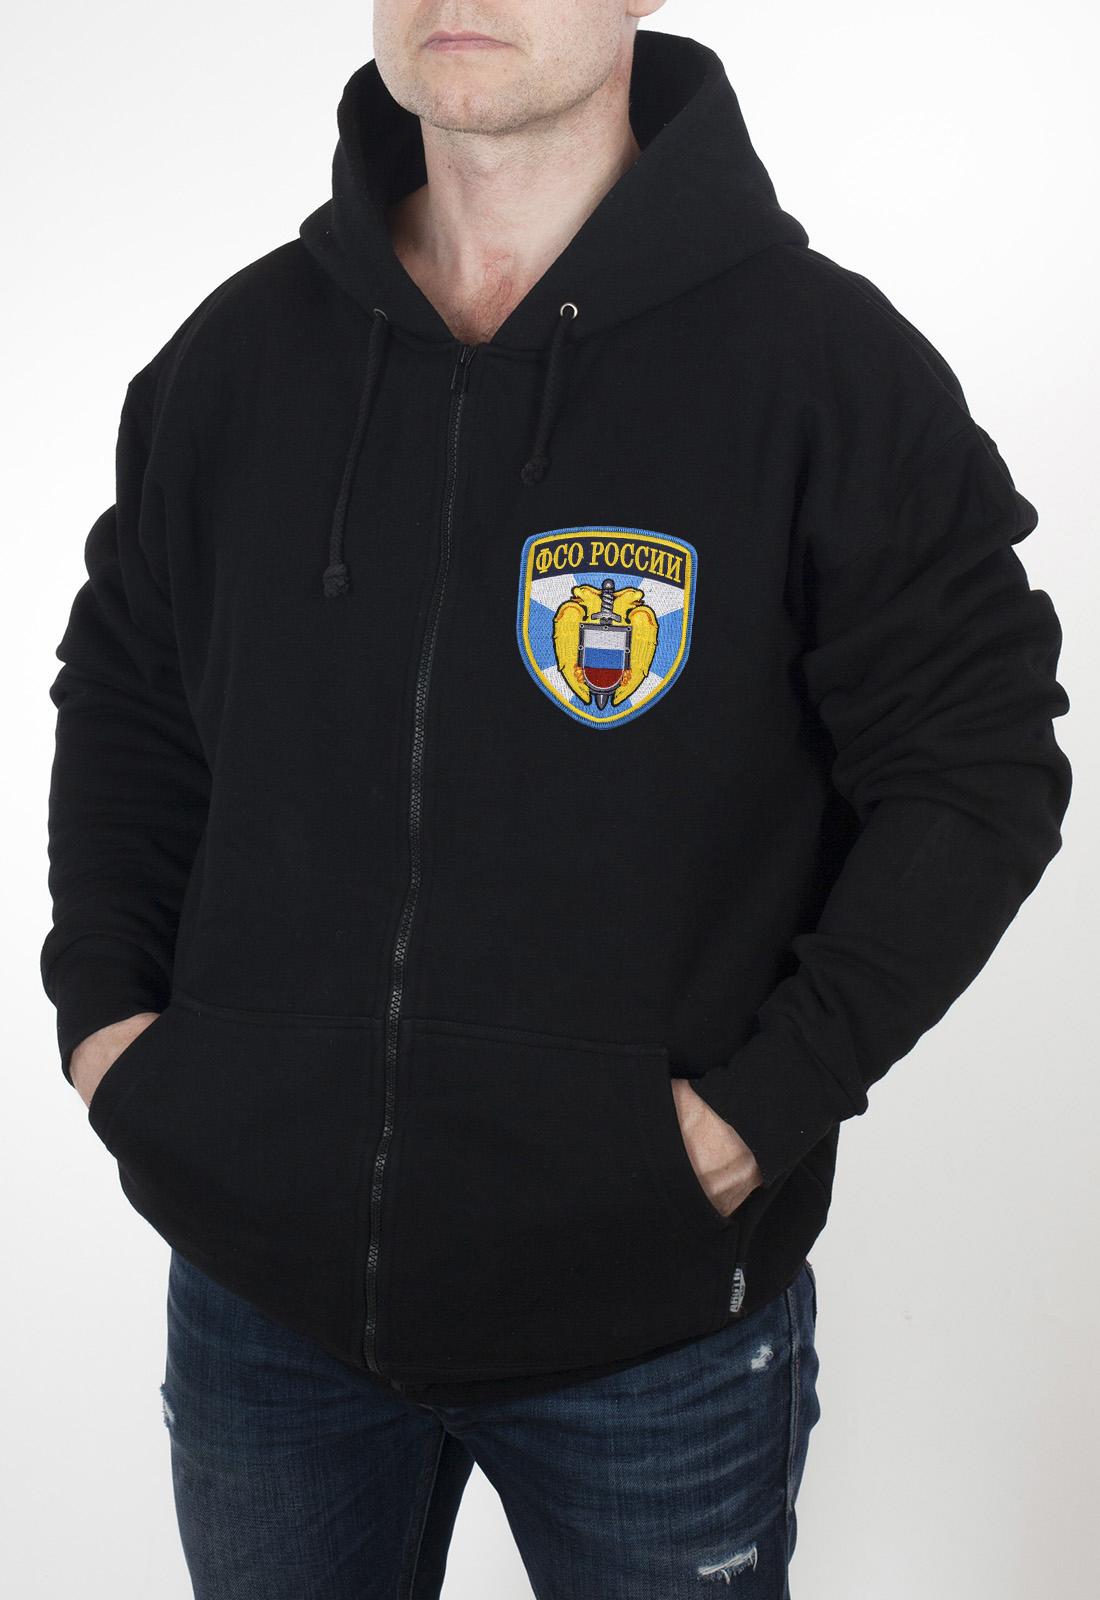 Недорогая мужская толстовка с карманами и шевроном ФСО России